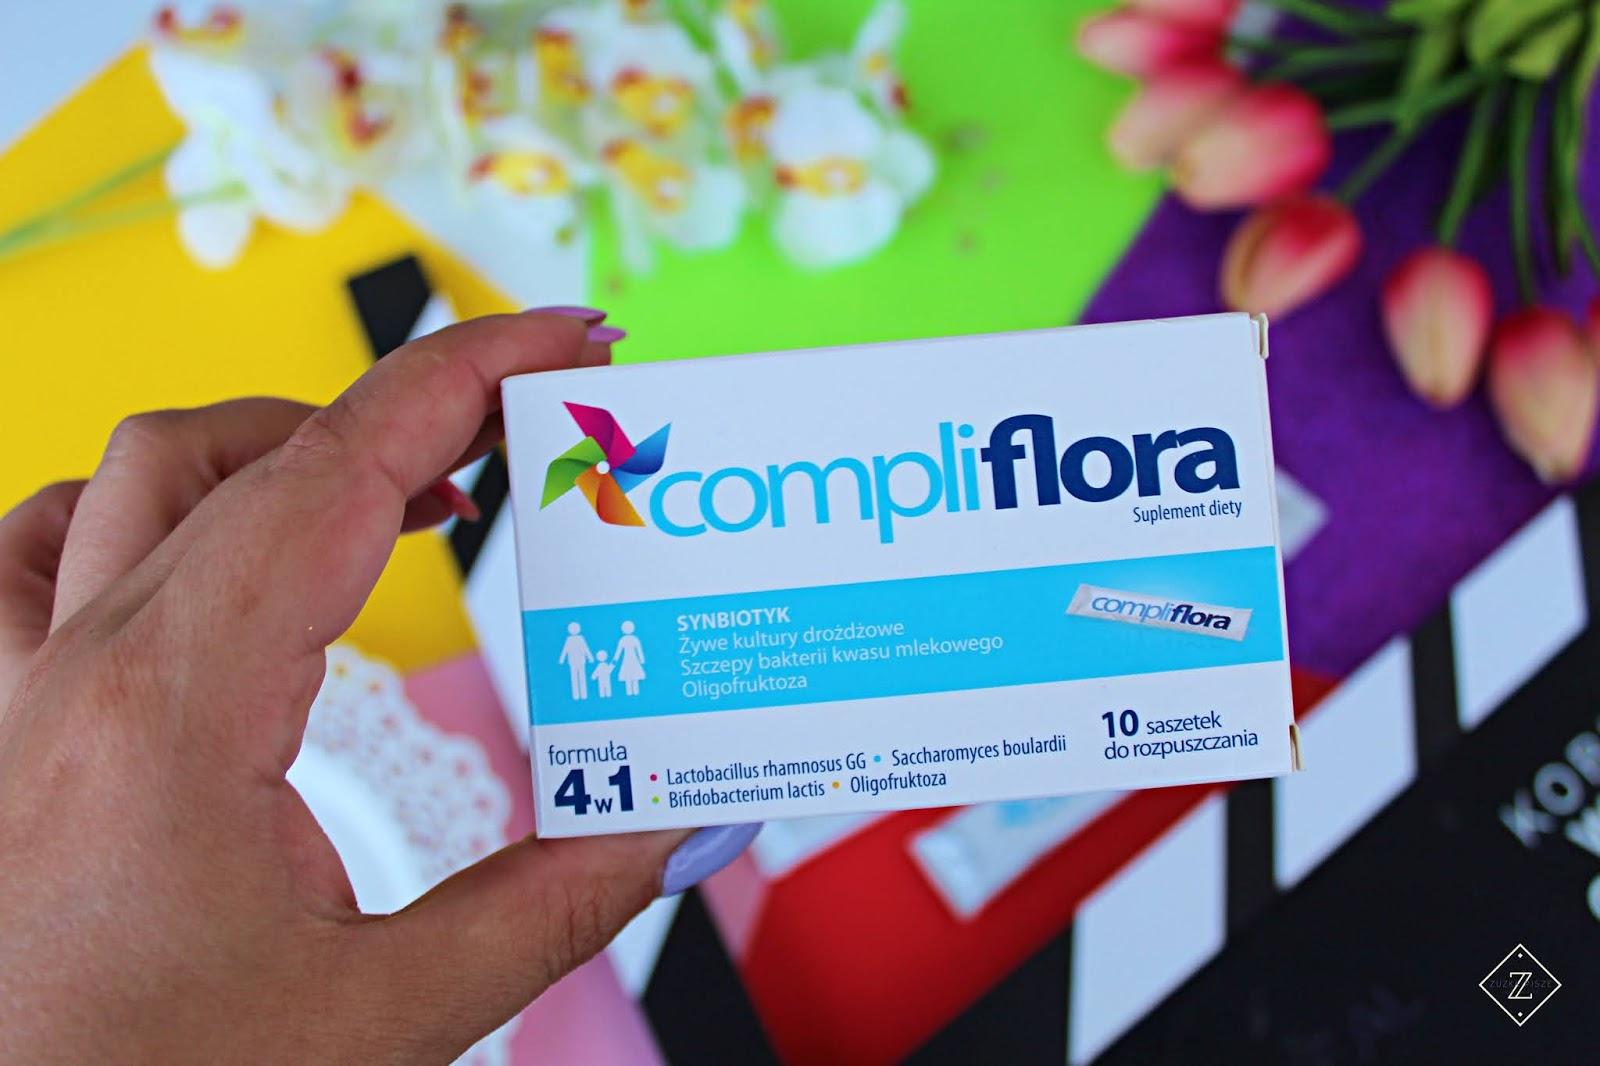 compliflora 10 saszetek synbiotyk